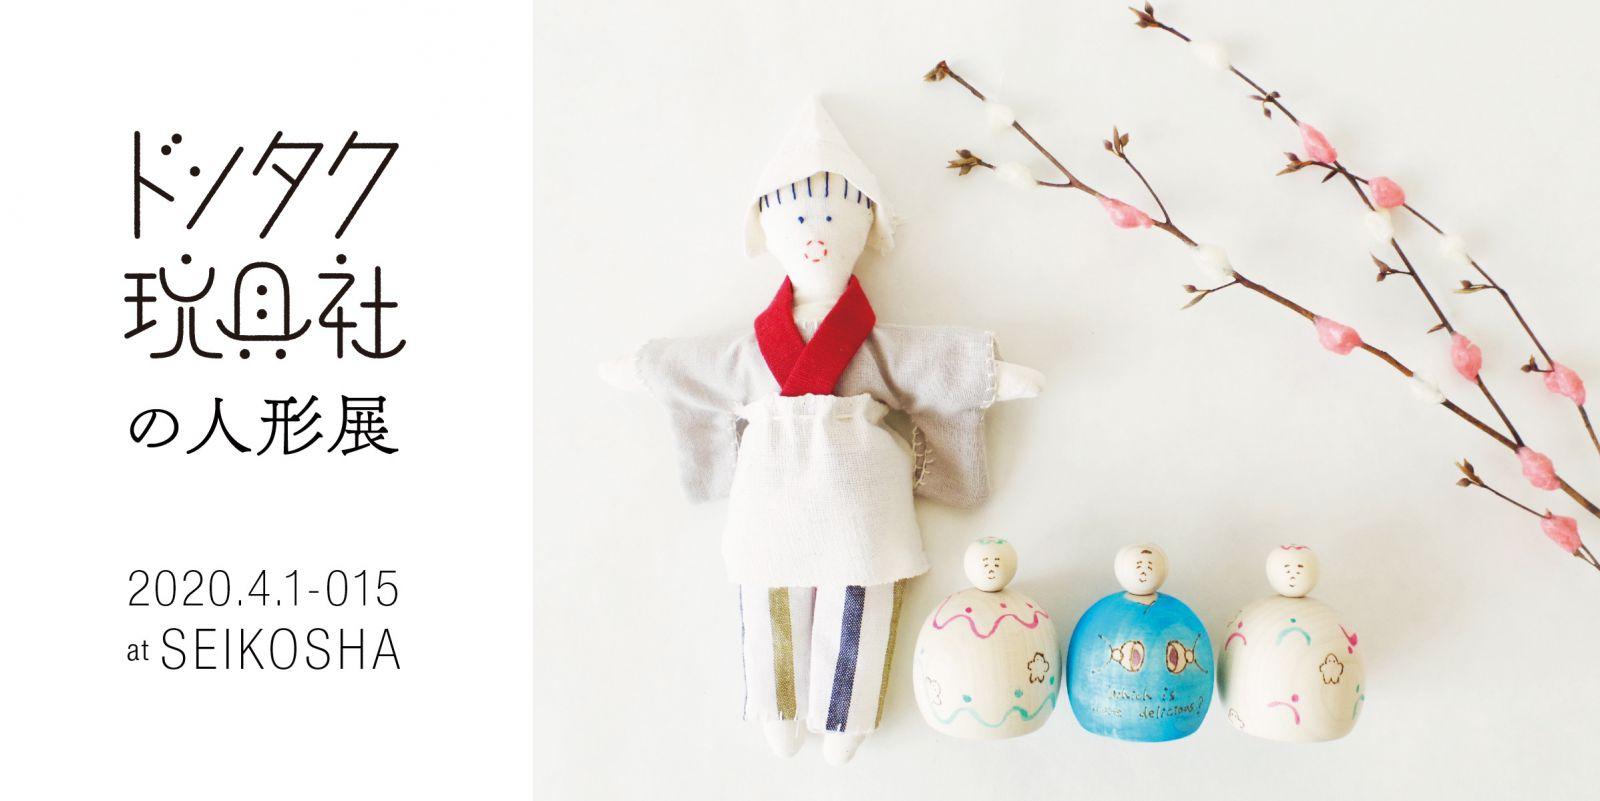 ドンタク玩具社の人形展